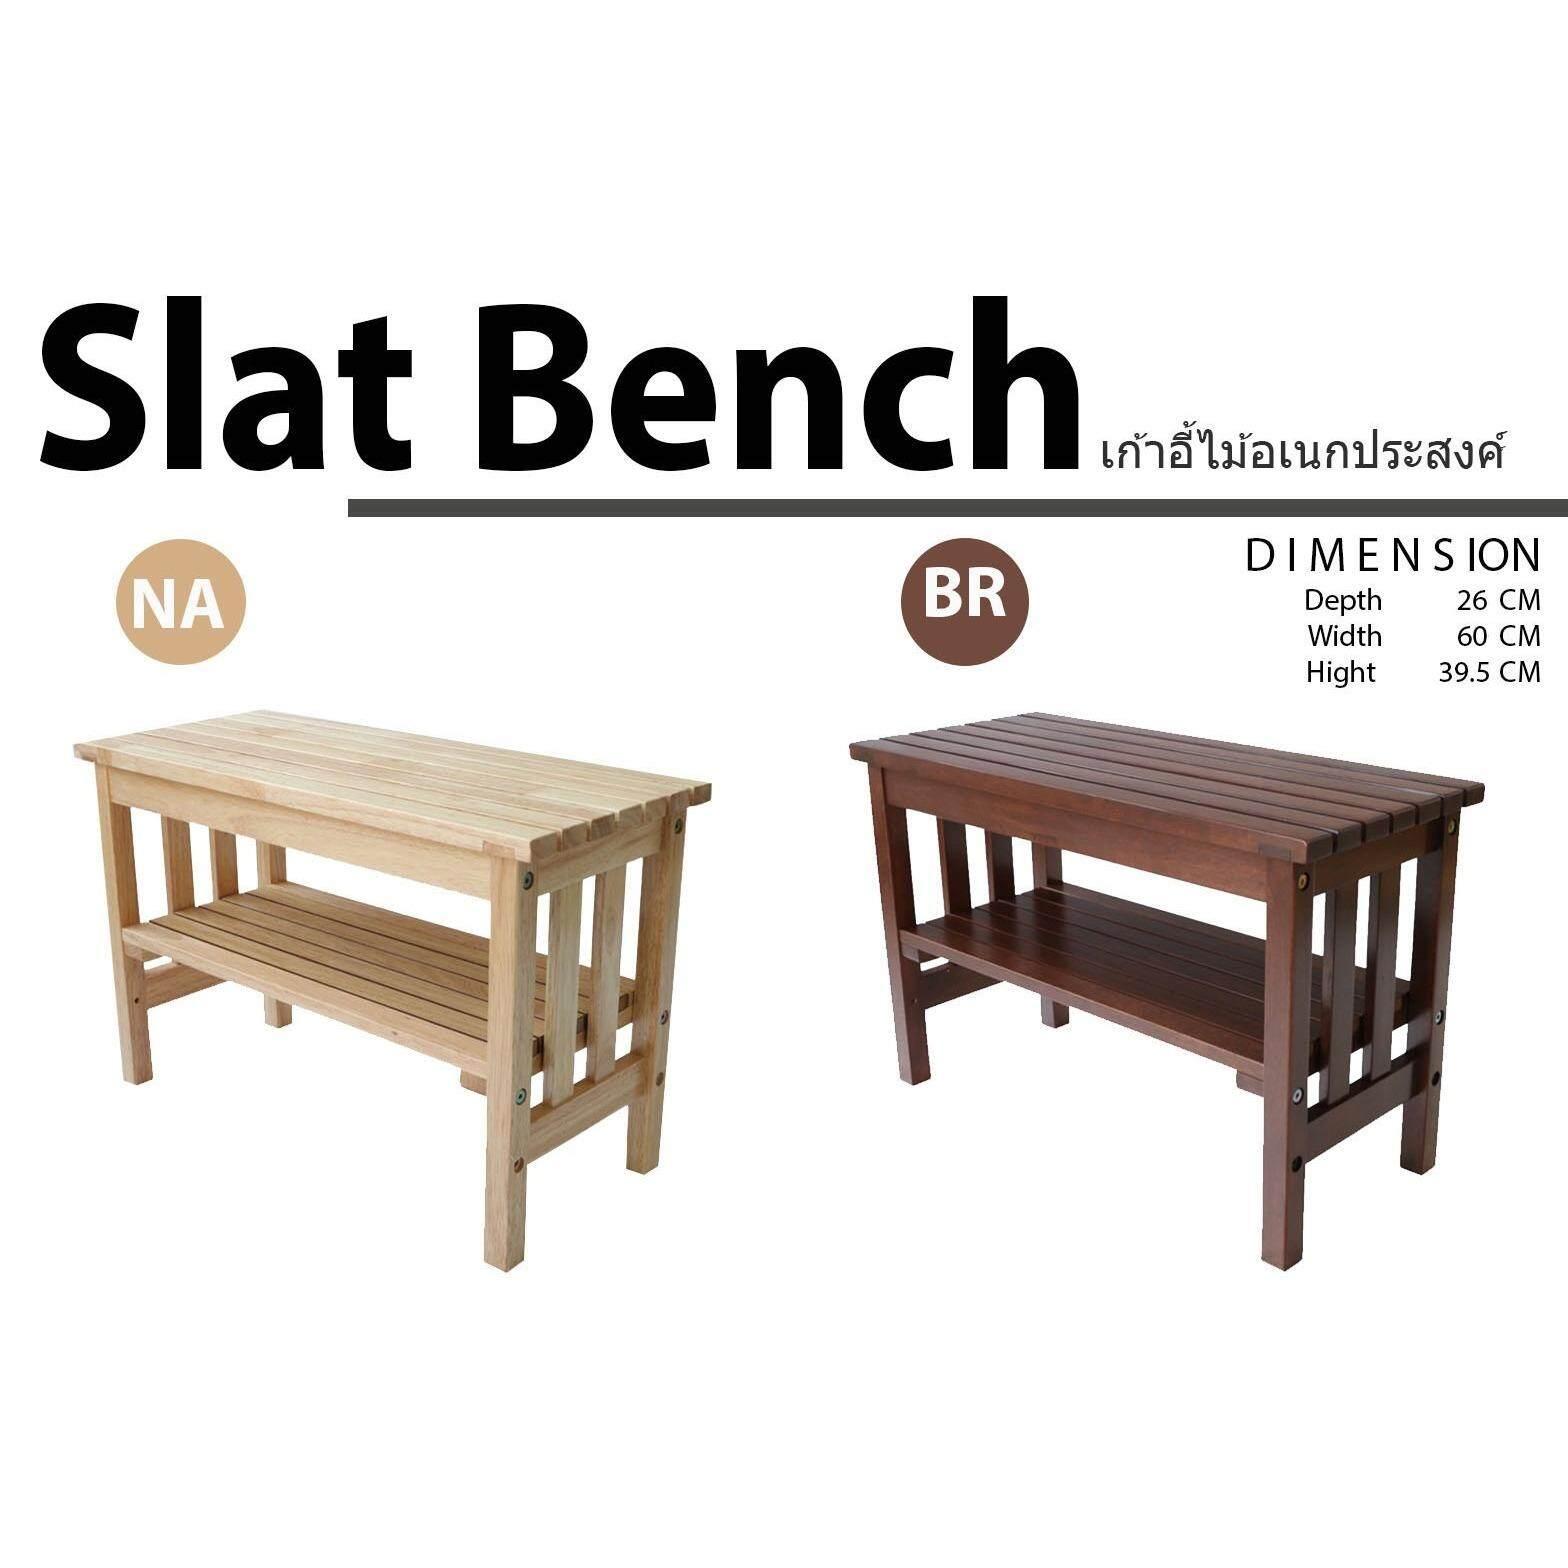 We Smith เก้าอี้อเนกประสงค์ Slat Bench เก้าอี้ไม้ยางพารา  เก้าอี้นั่งหน้าบ้าน เก้าอี้ไม้ เก้าอี้ขนาดพกพา เก้าอี้นั่งใส่รองเท้า สีน้ำตาลเข้ม - Slat Bench (brown Color) .